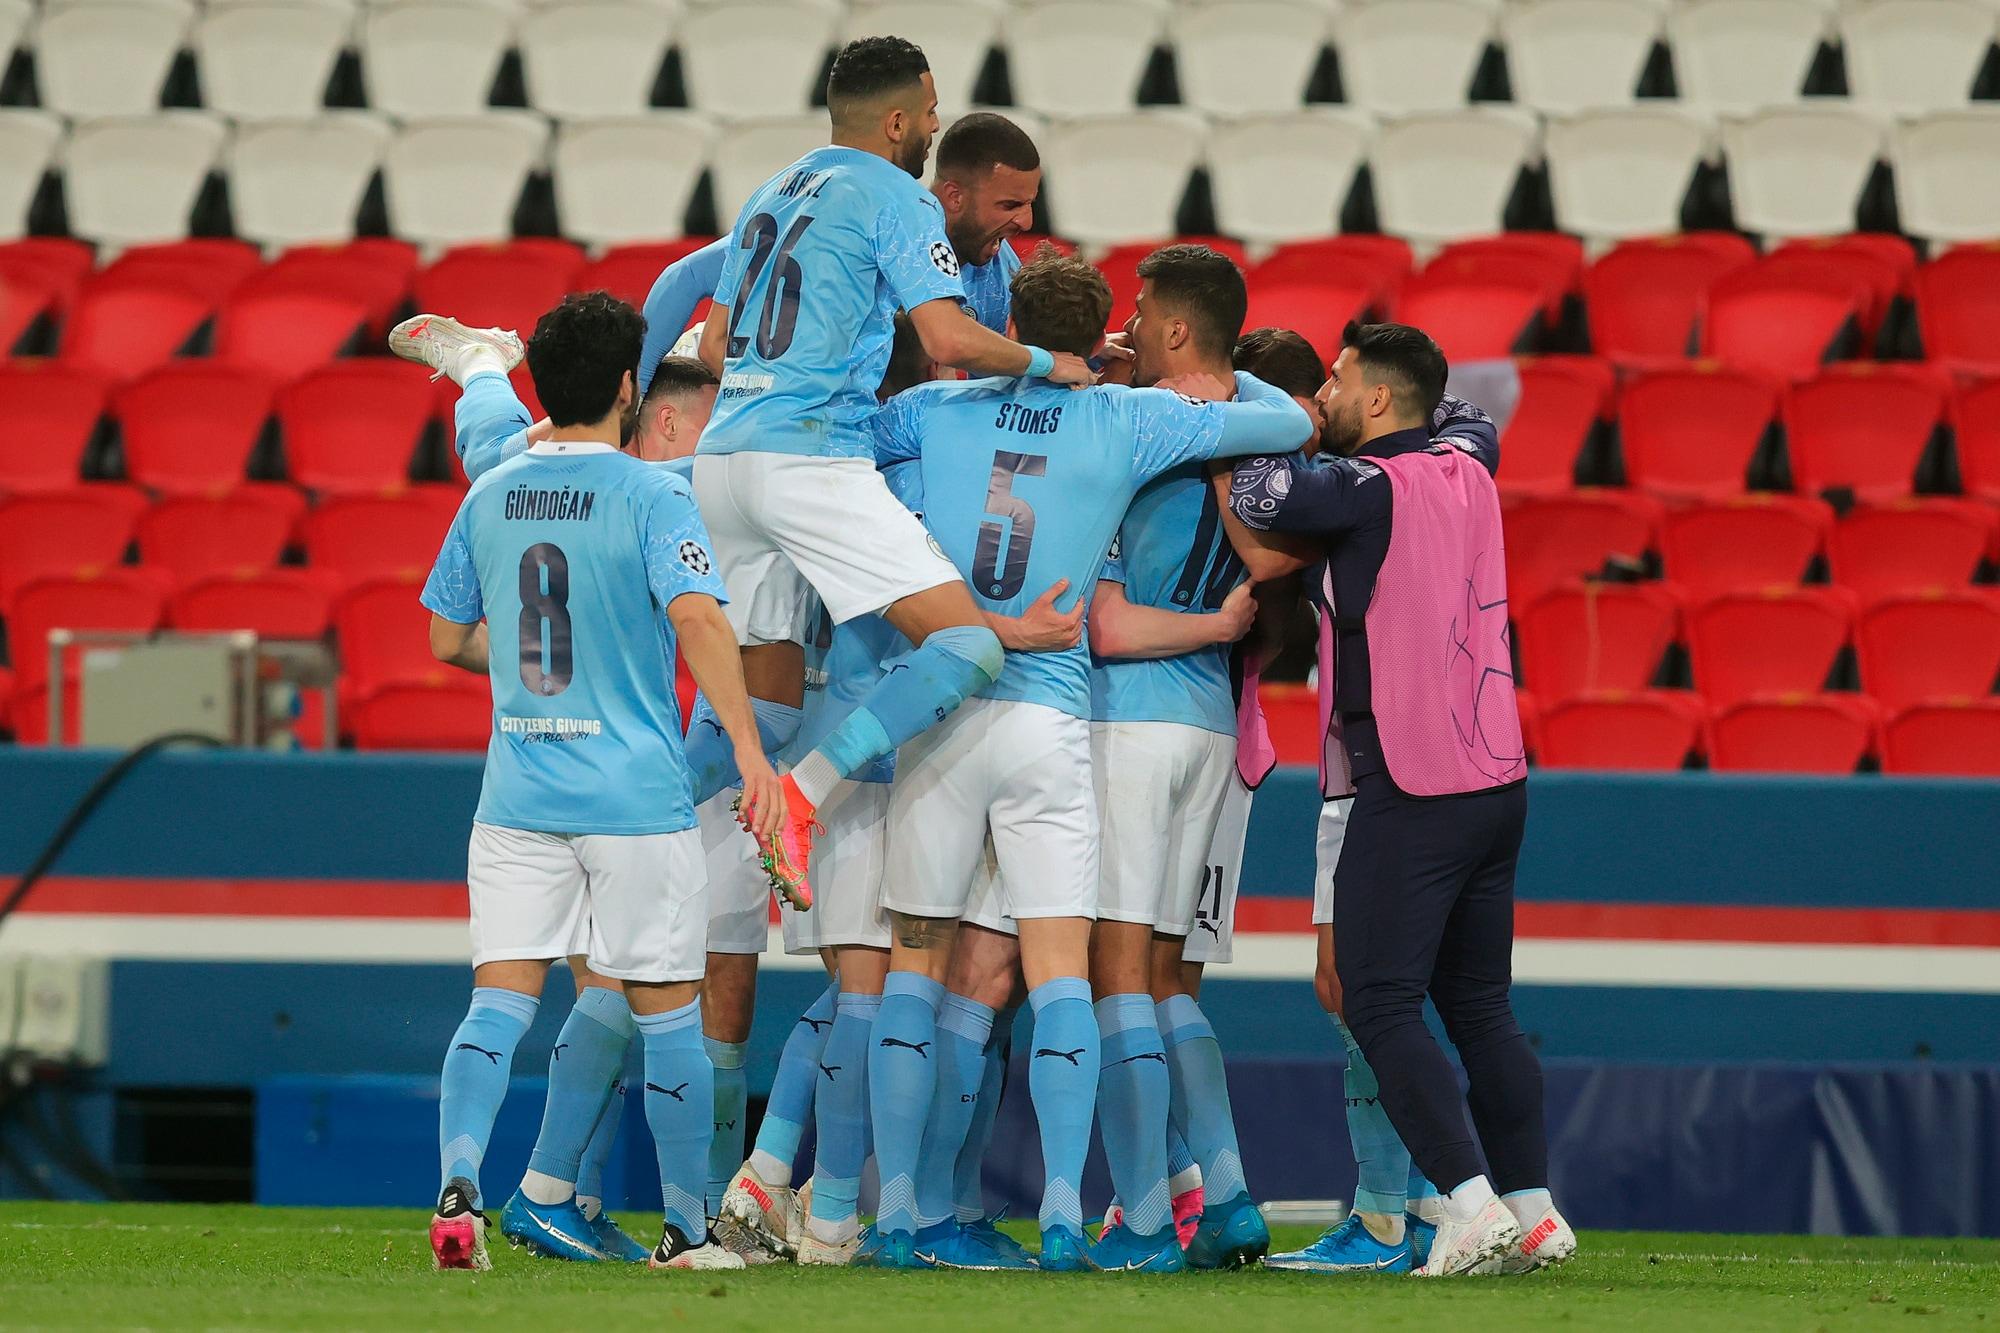 Il Psg domina un tempo, ma vince il Manchester City: decide Mahrez